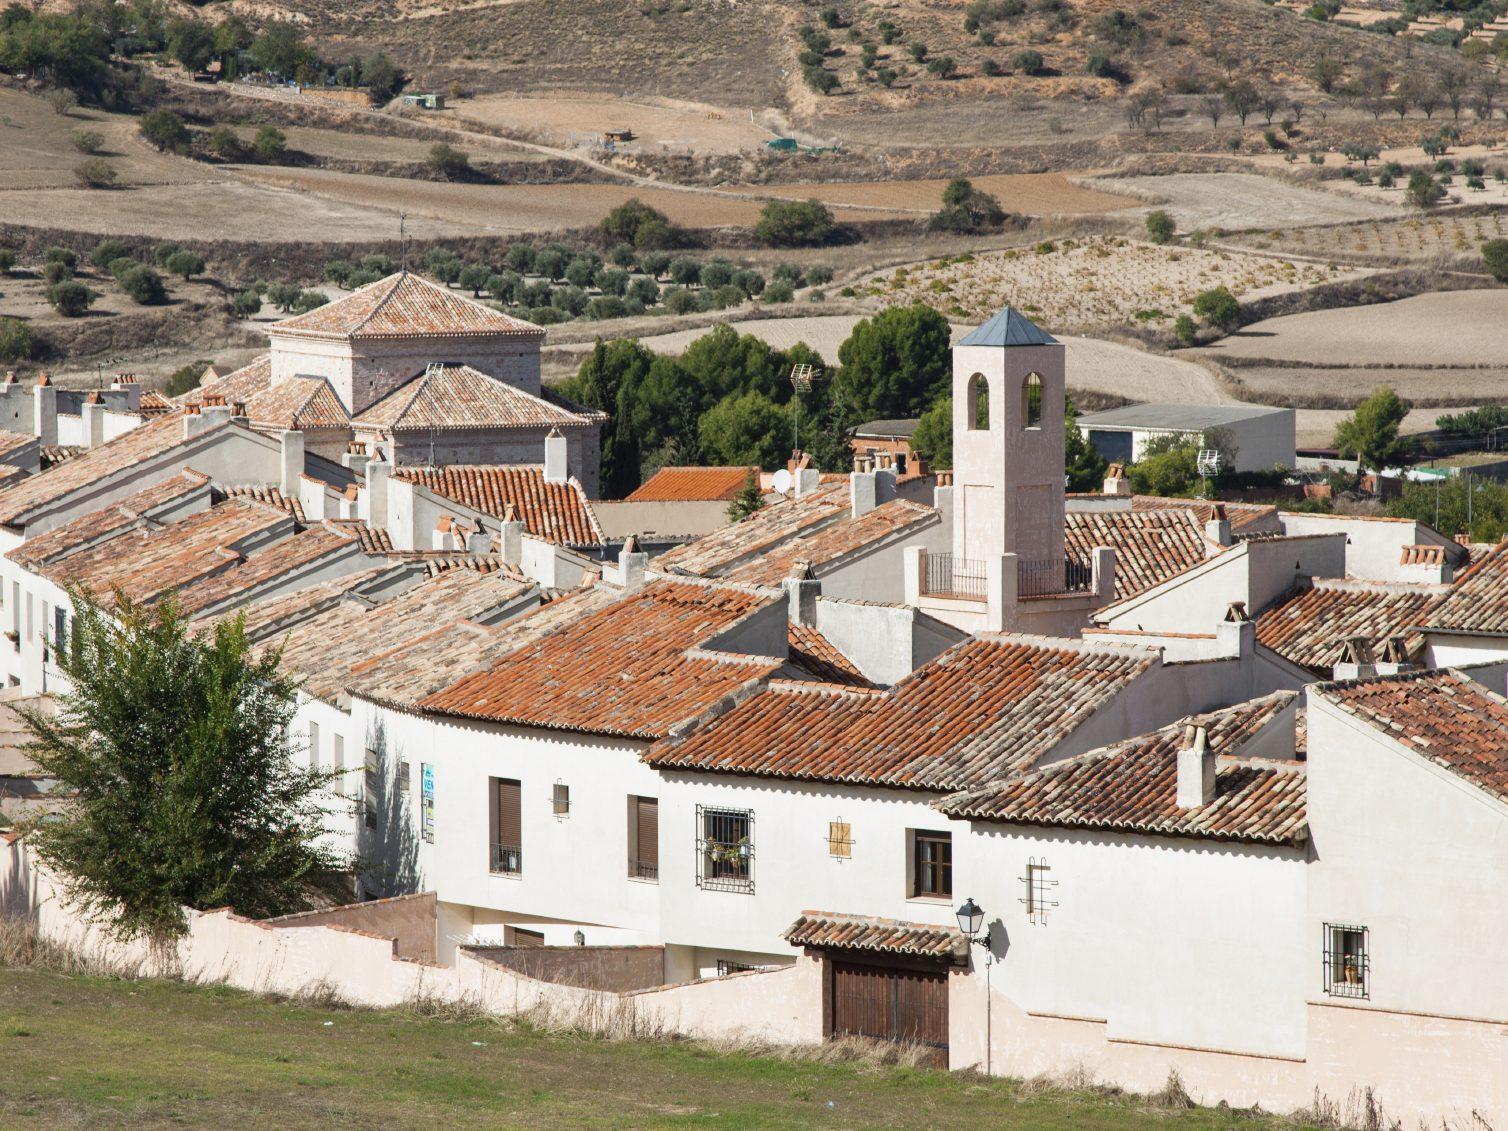 Espagne - Chinchón, ville historique